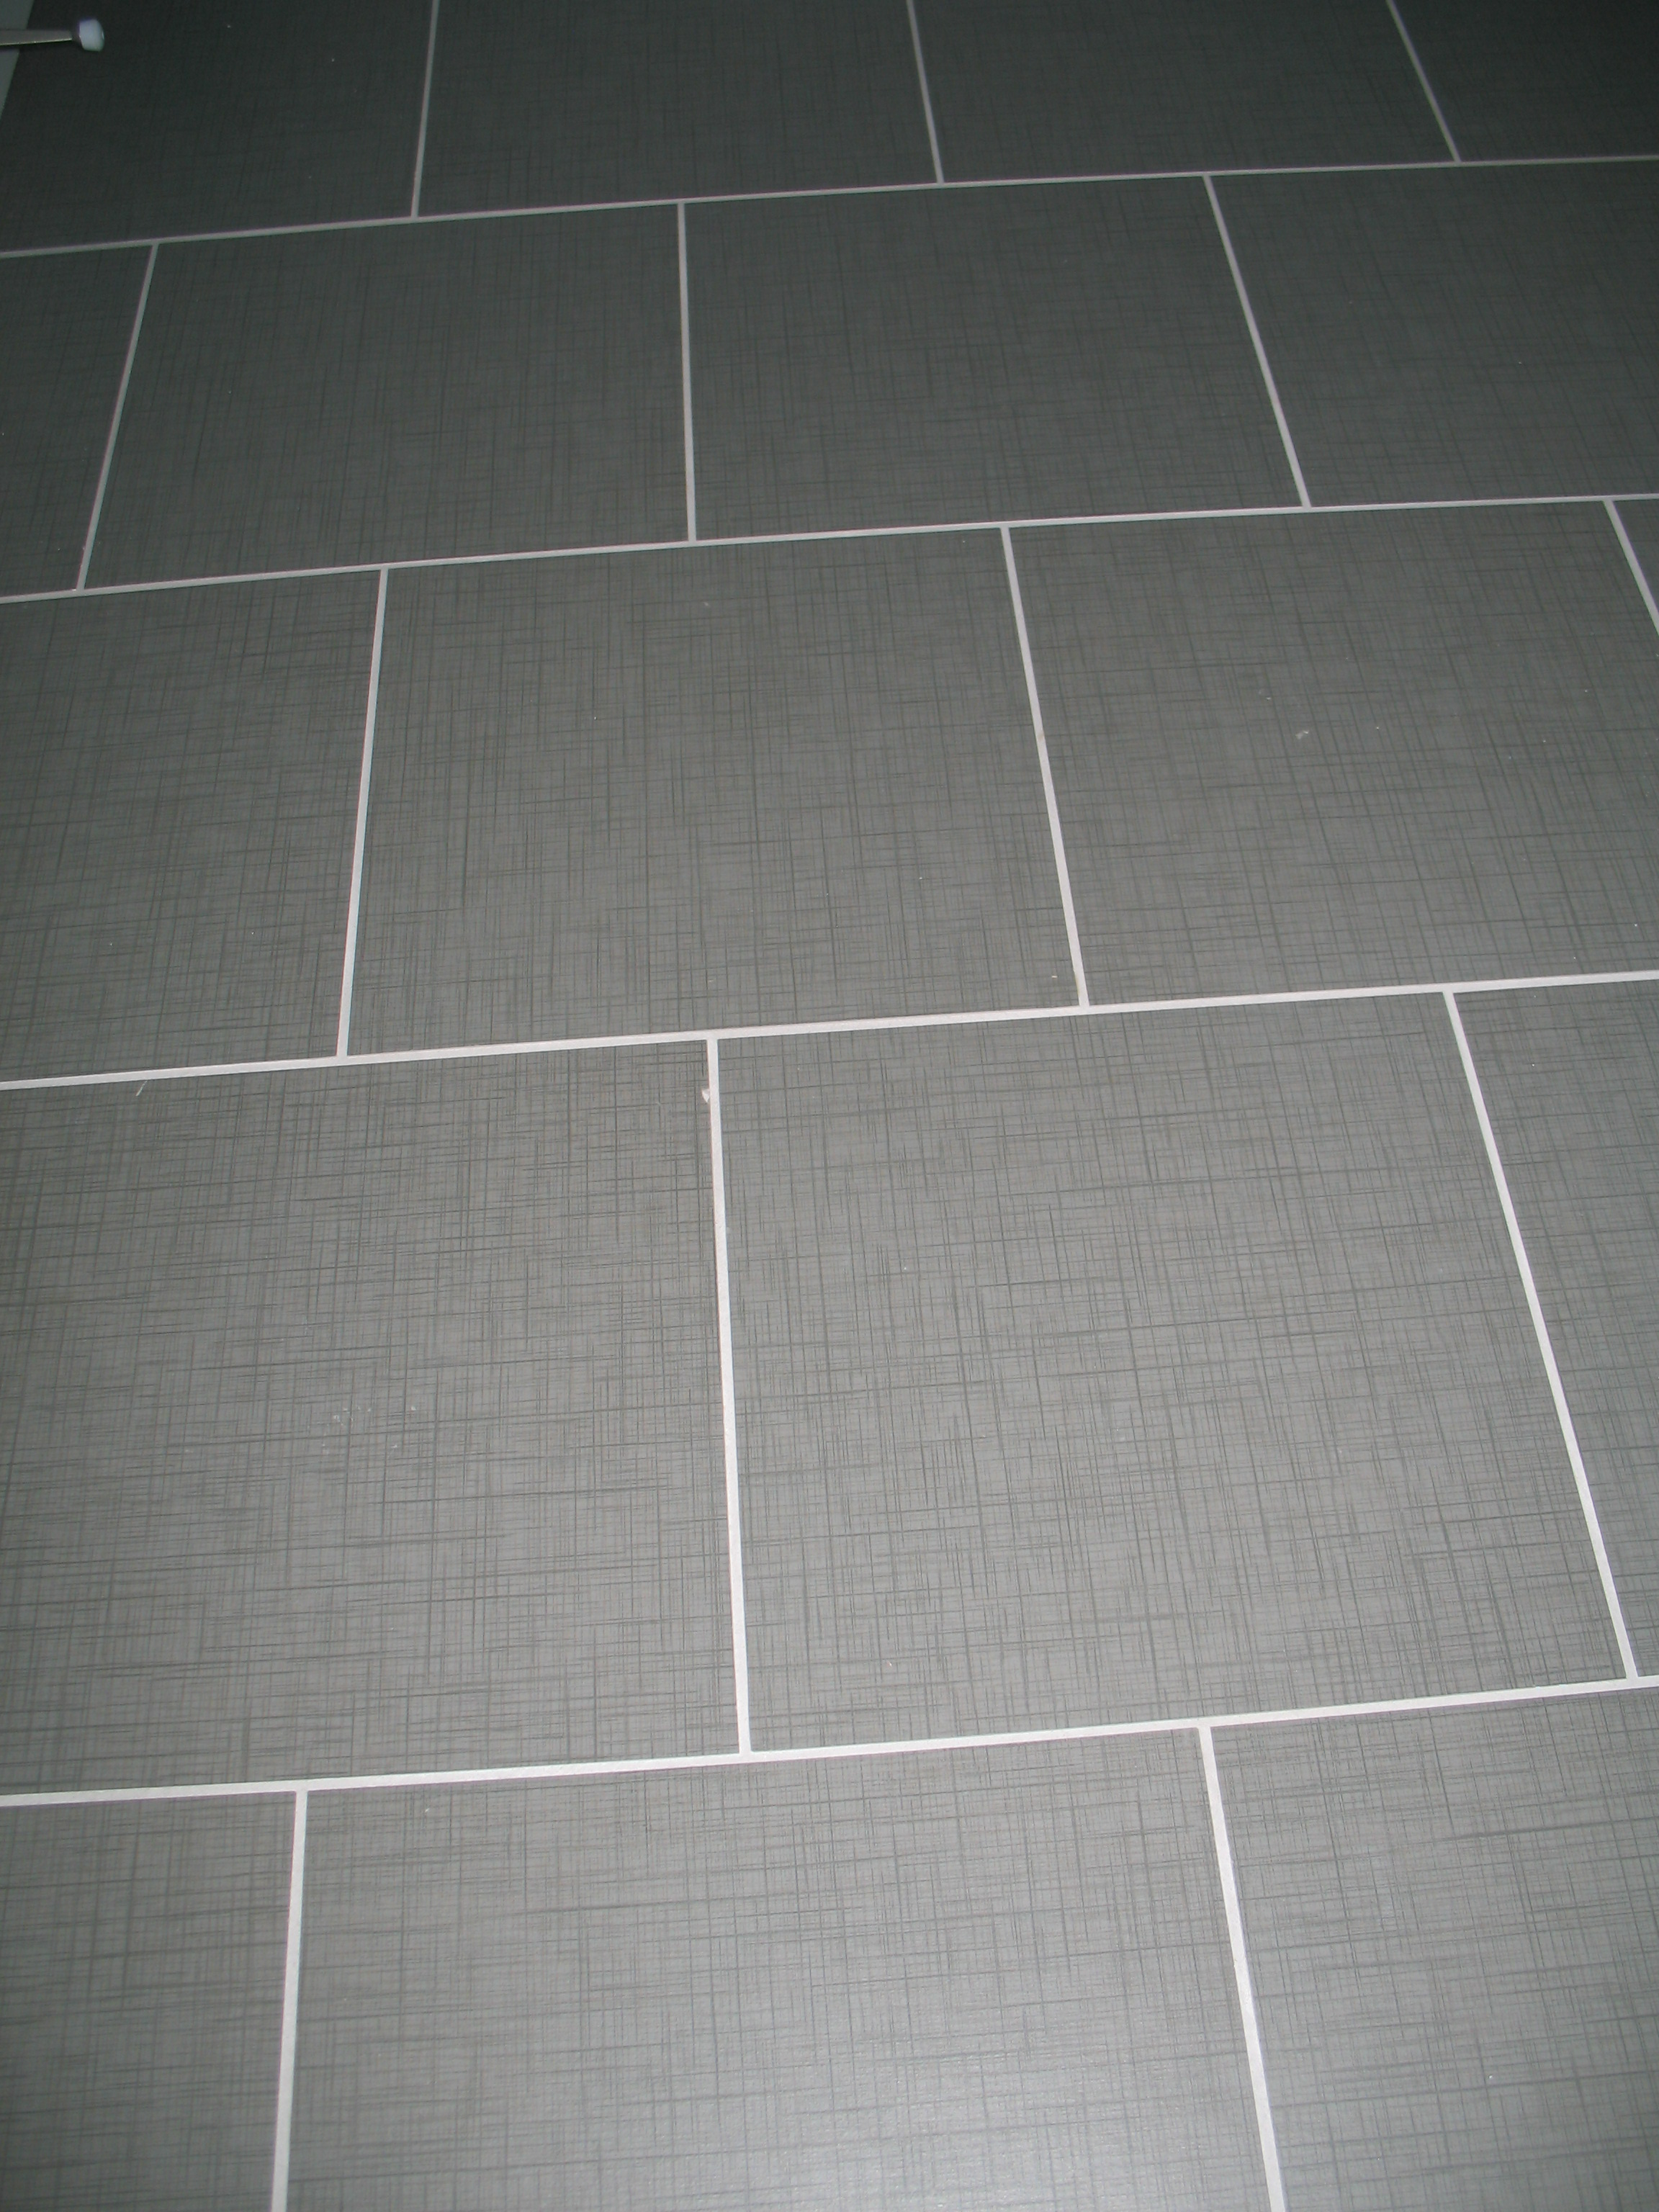 Brick Pattern Floor Tile Layout